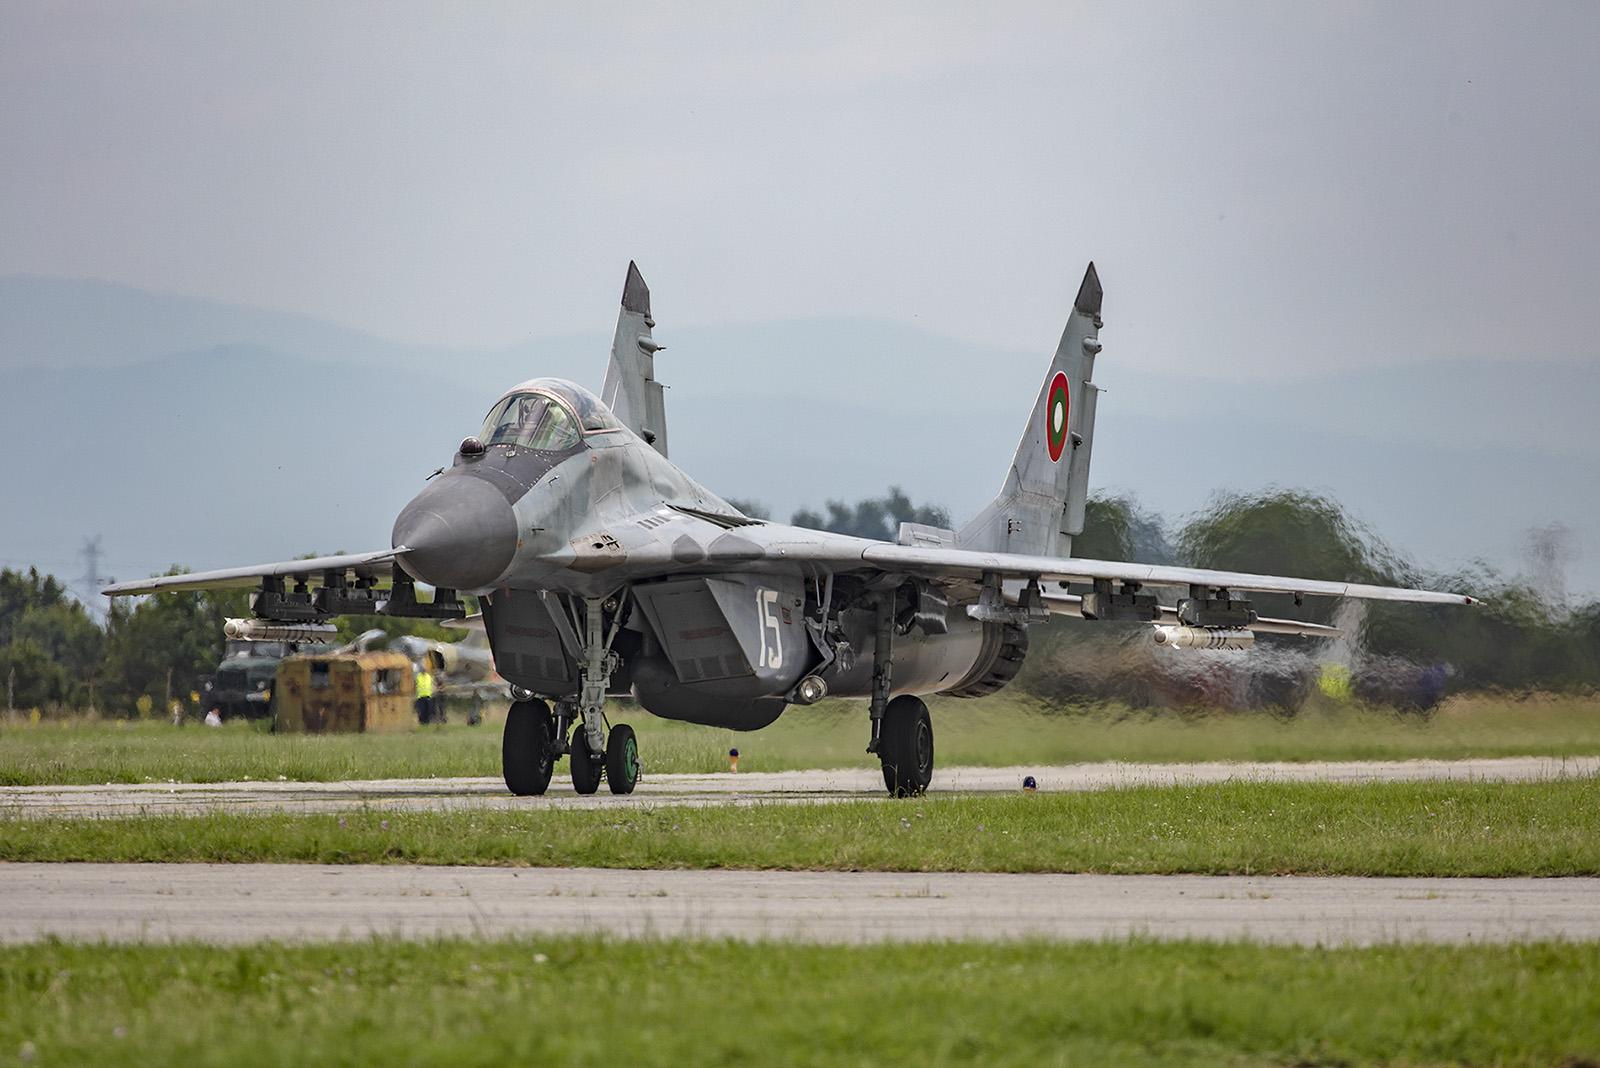 Um keine Fremdkörper anzusaugen verschließen sich die unteren Einläufe der MiG am Boden.